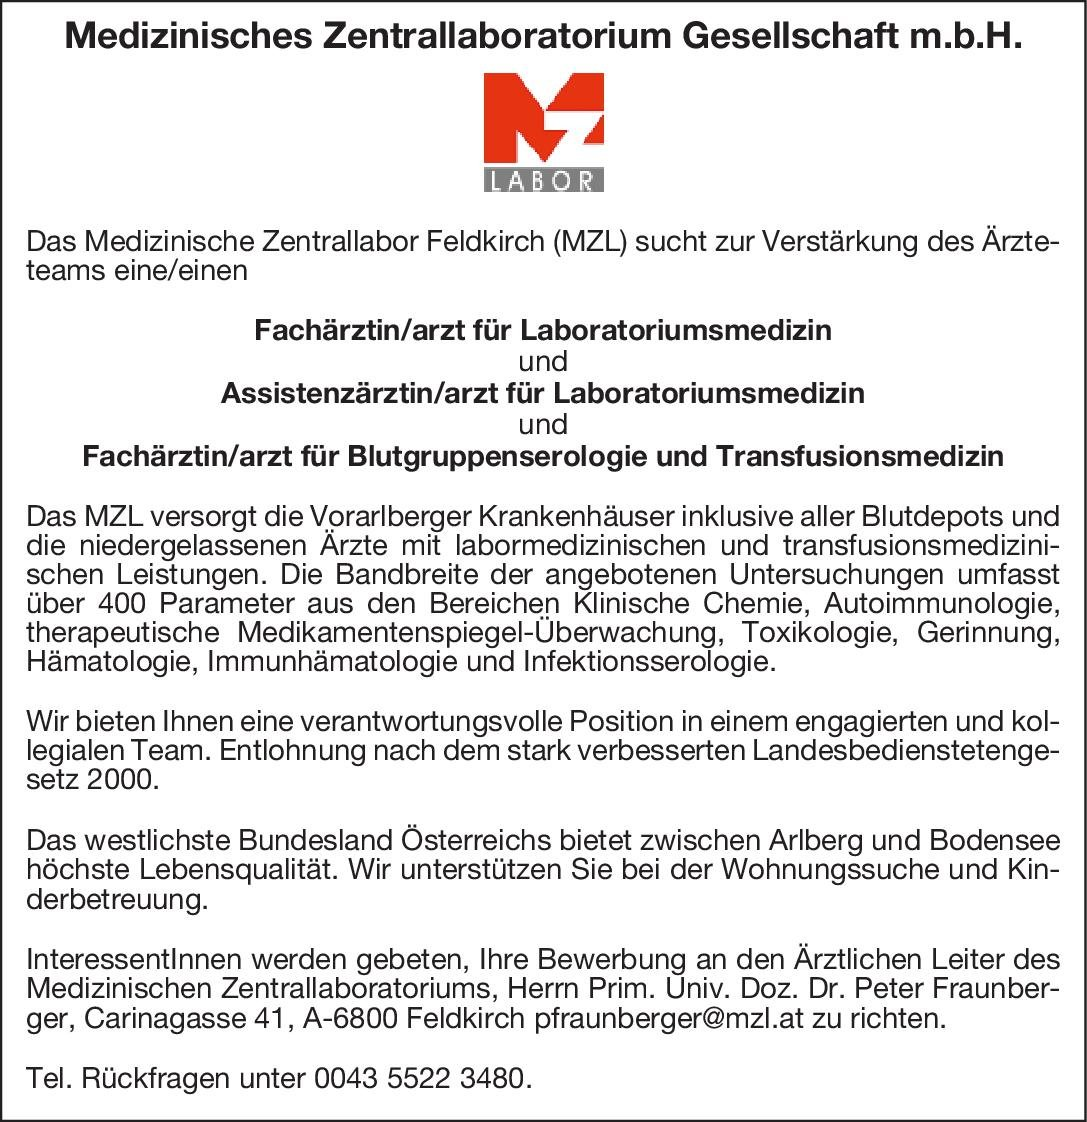 Medizinisches Zentrallaboratorium Gesellschaft m.b.H. Assistenzärztin/arzt für Laboratoriumsmedizin Laboratoriumsmedizin Assistenzarzt / Arzt in Weiterbildung